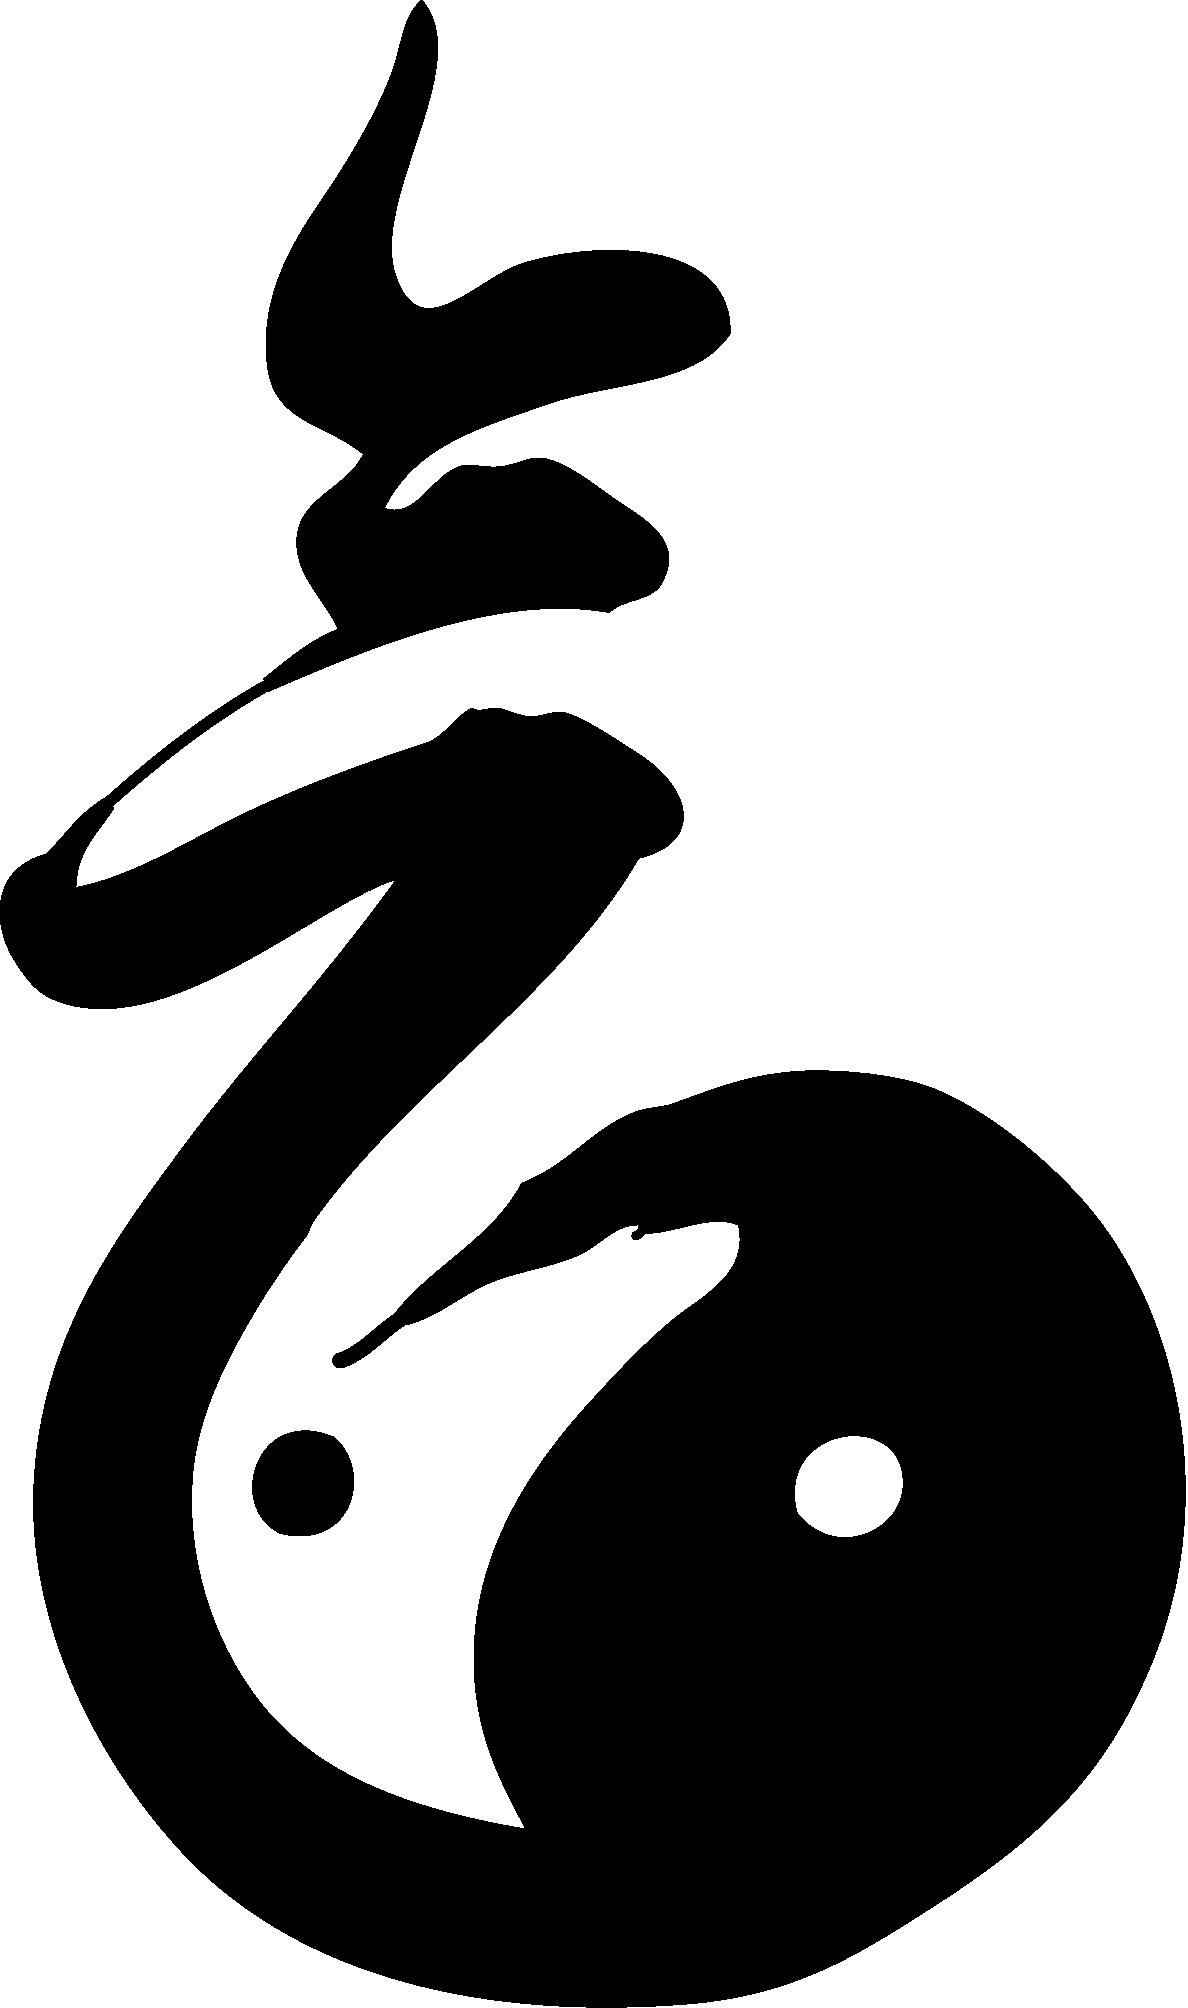 Qigong Seni Tradisional Gambar Karakter Seni